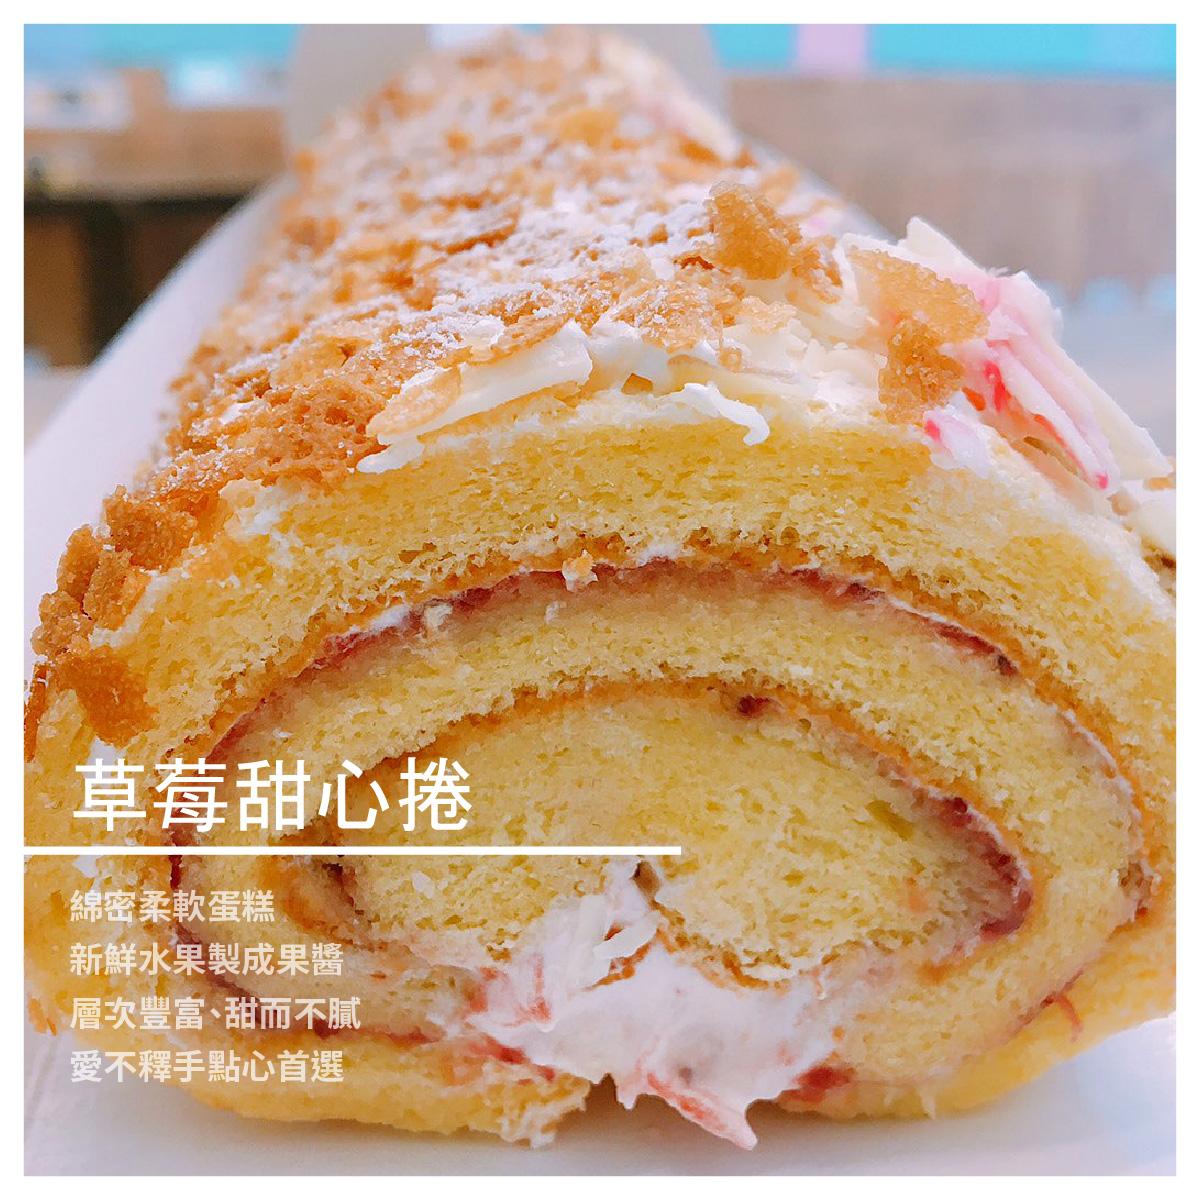 【夏之亭烘焙坊】草莓甜心捲